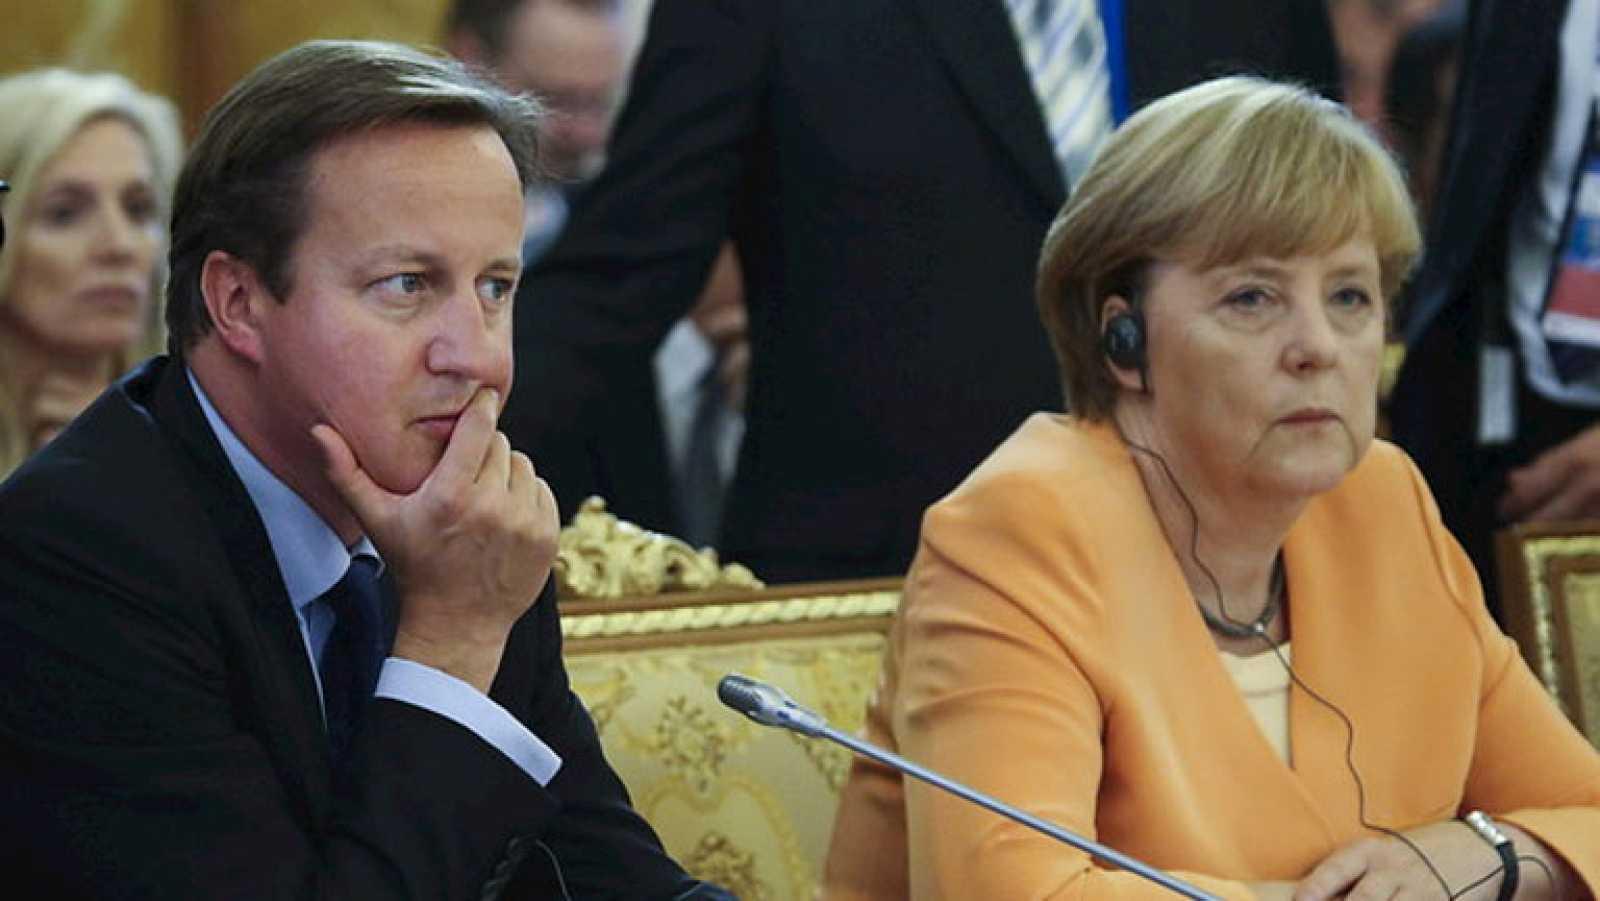 La cumbre del G20 estudia una posible intervención en el conflicto de Siria